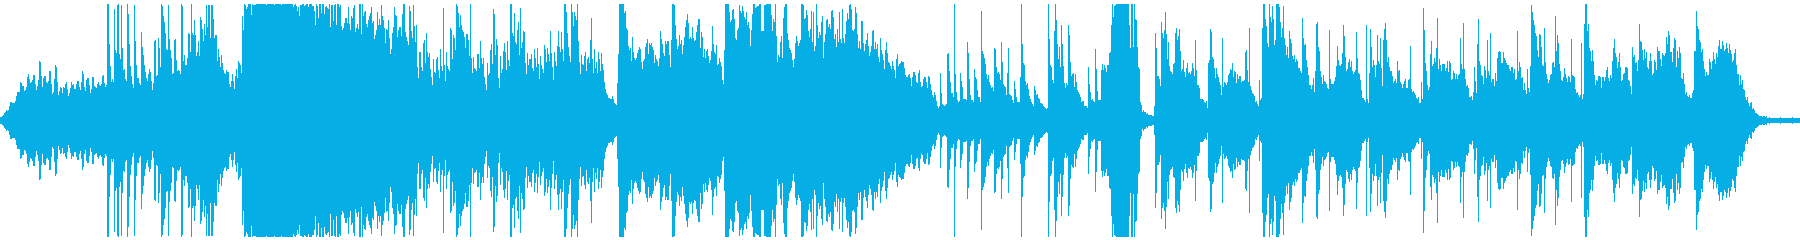 揺らぎに満ちたオリエンタルサウンドの再生済みの波形